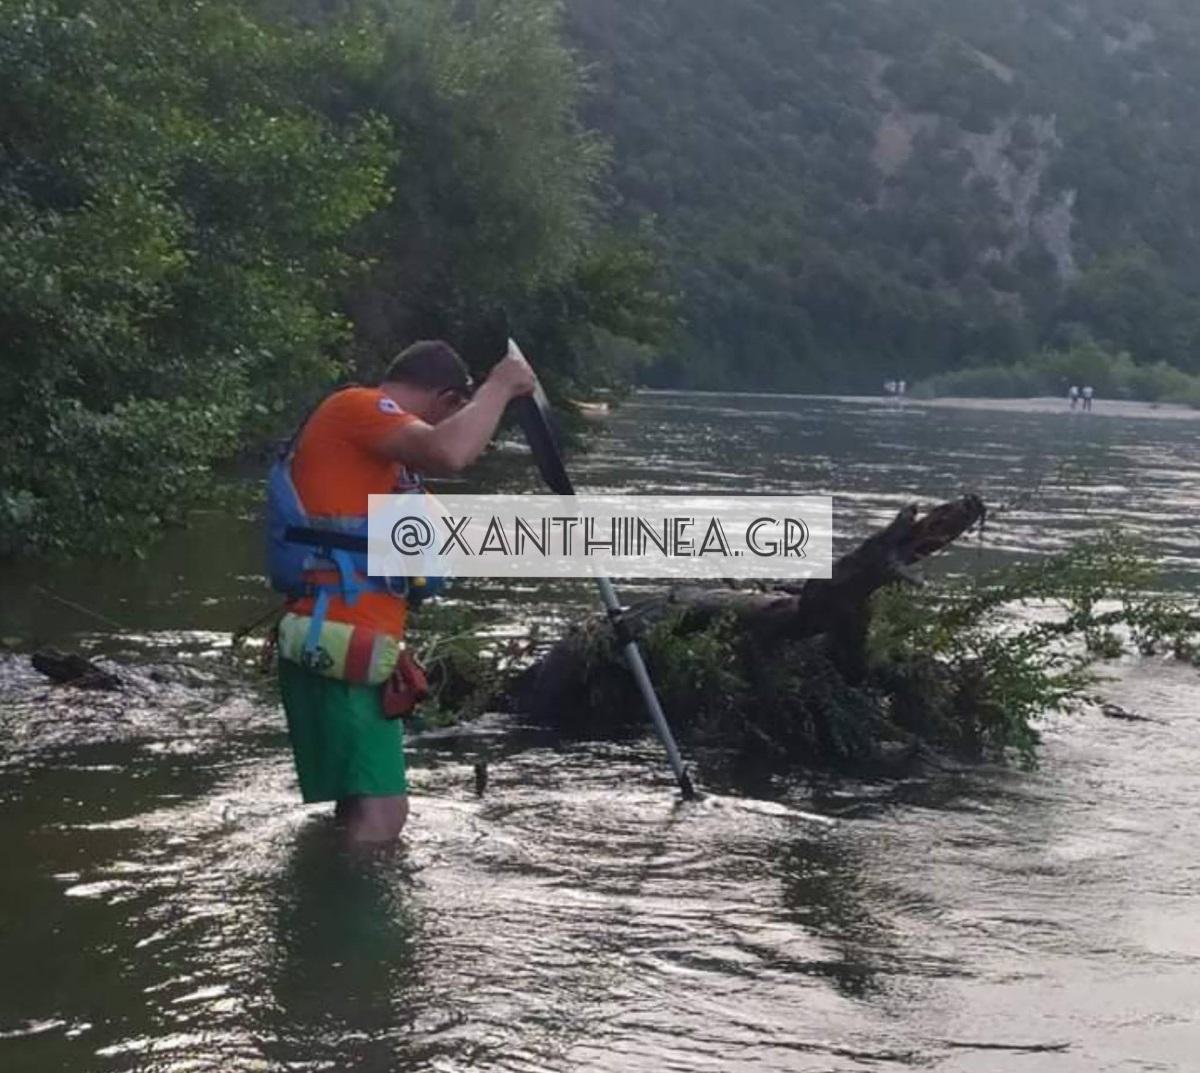 Νεκρός βρέθηκε ο 21χρονος που είχε εξαφανιστεί στον Νέστο – Είχε κάνει βουτιά στο ποτάμι